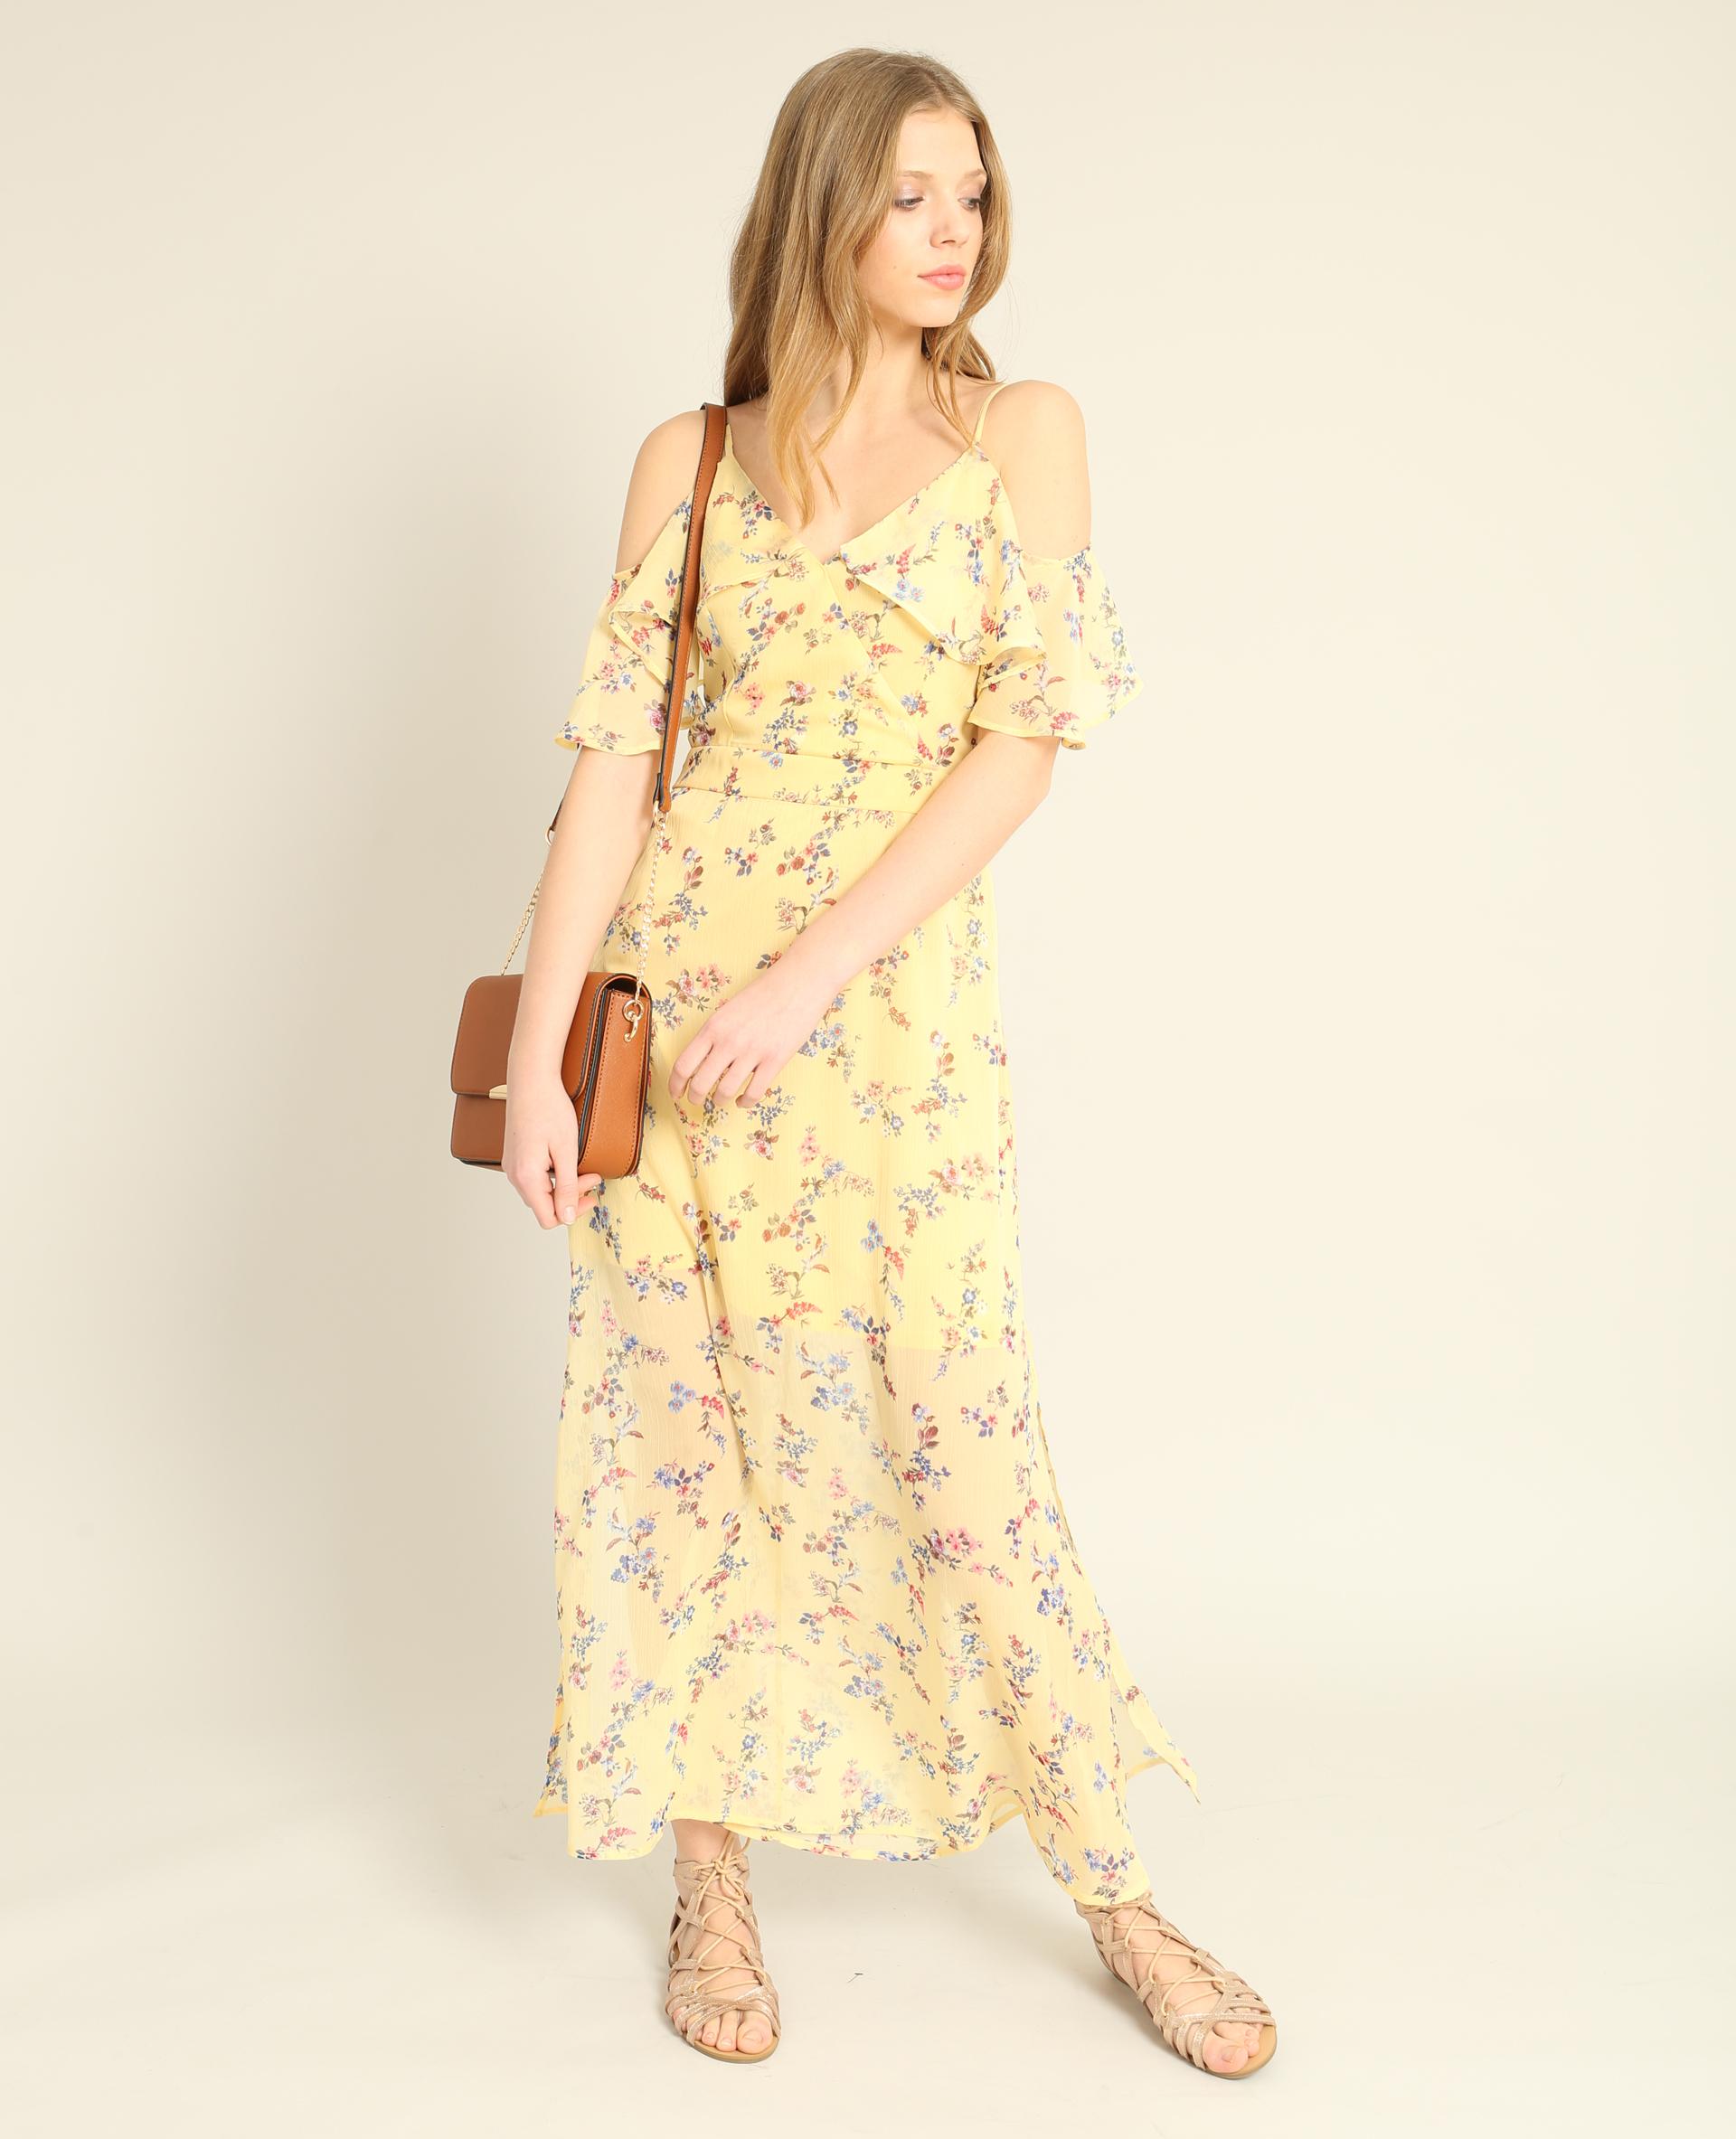 b72457b01de Robe longue fleurie jaune - 780862046E0A